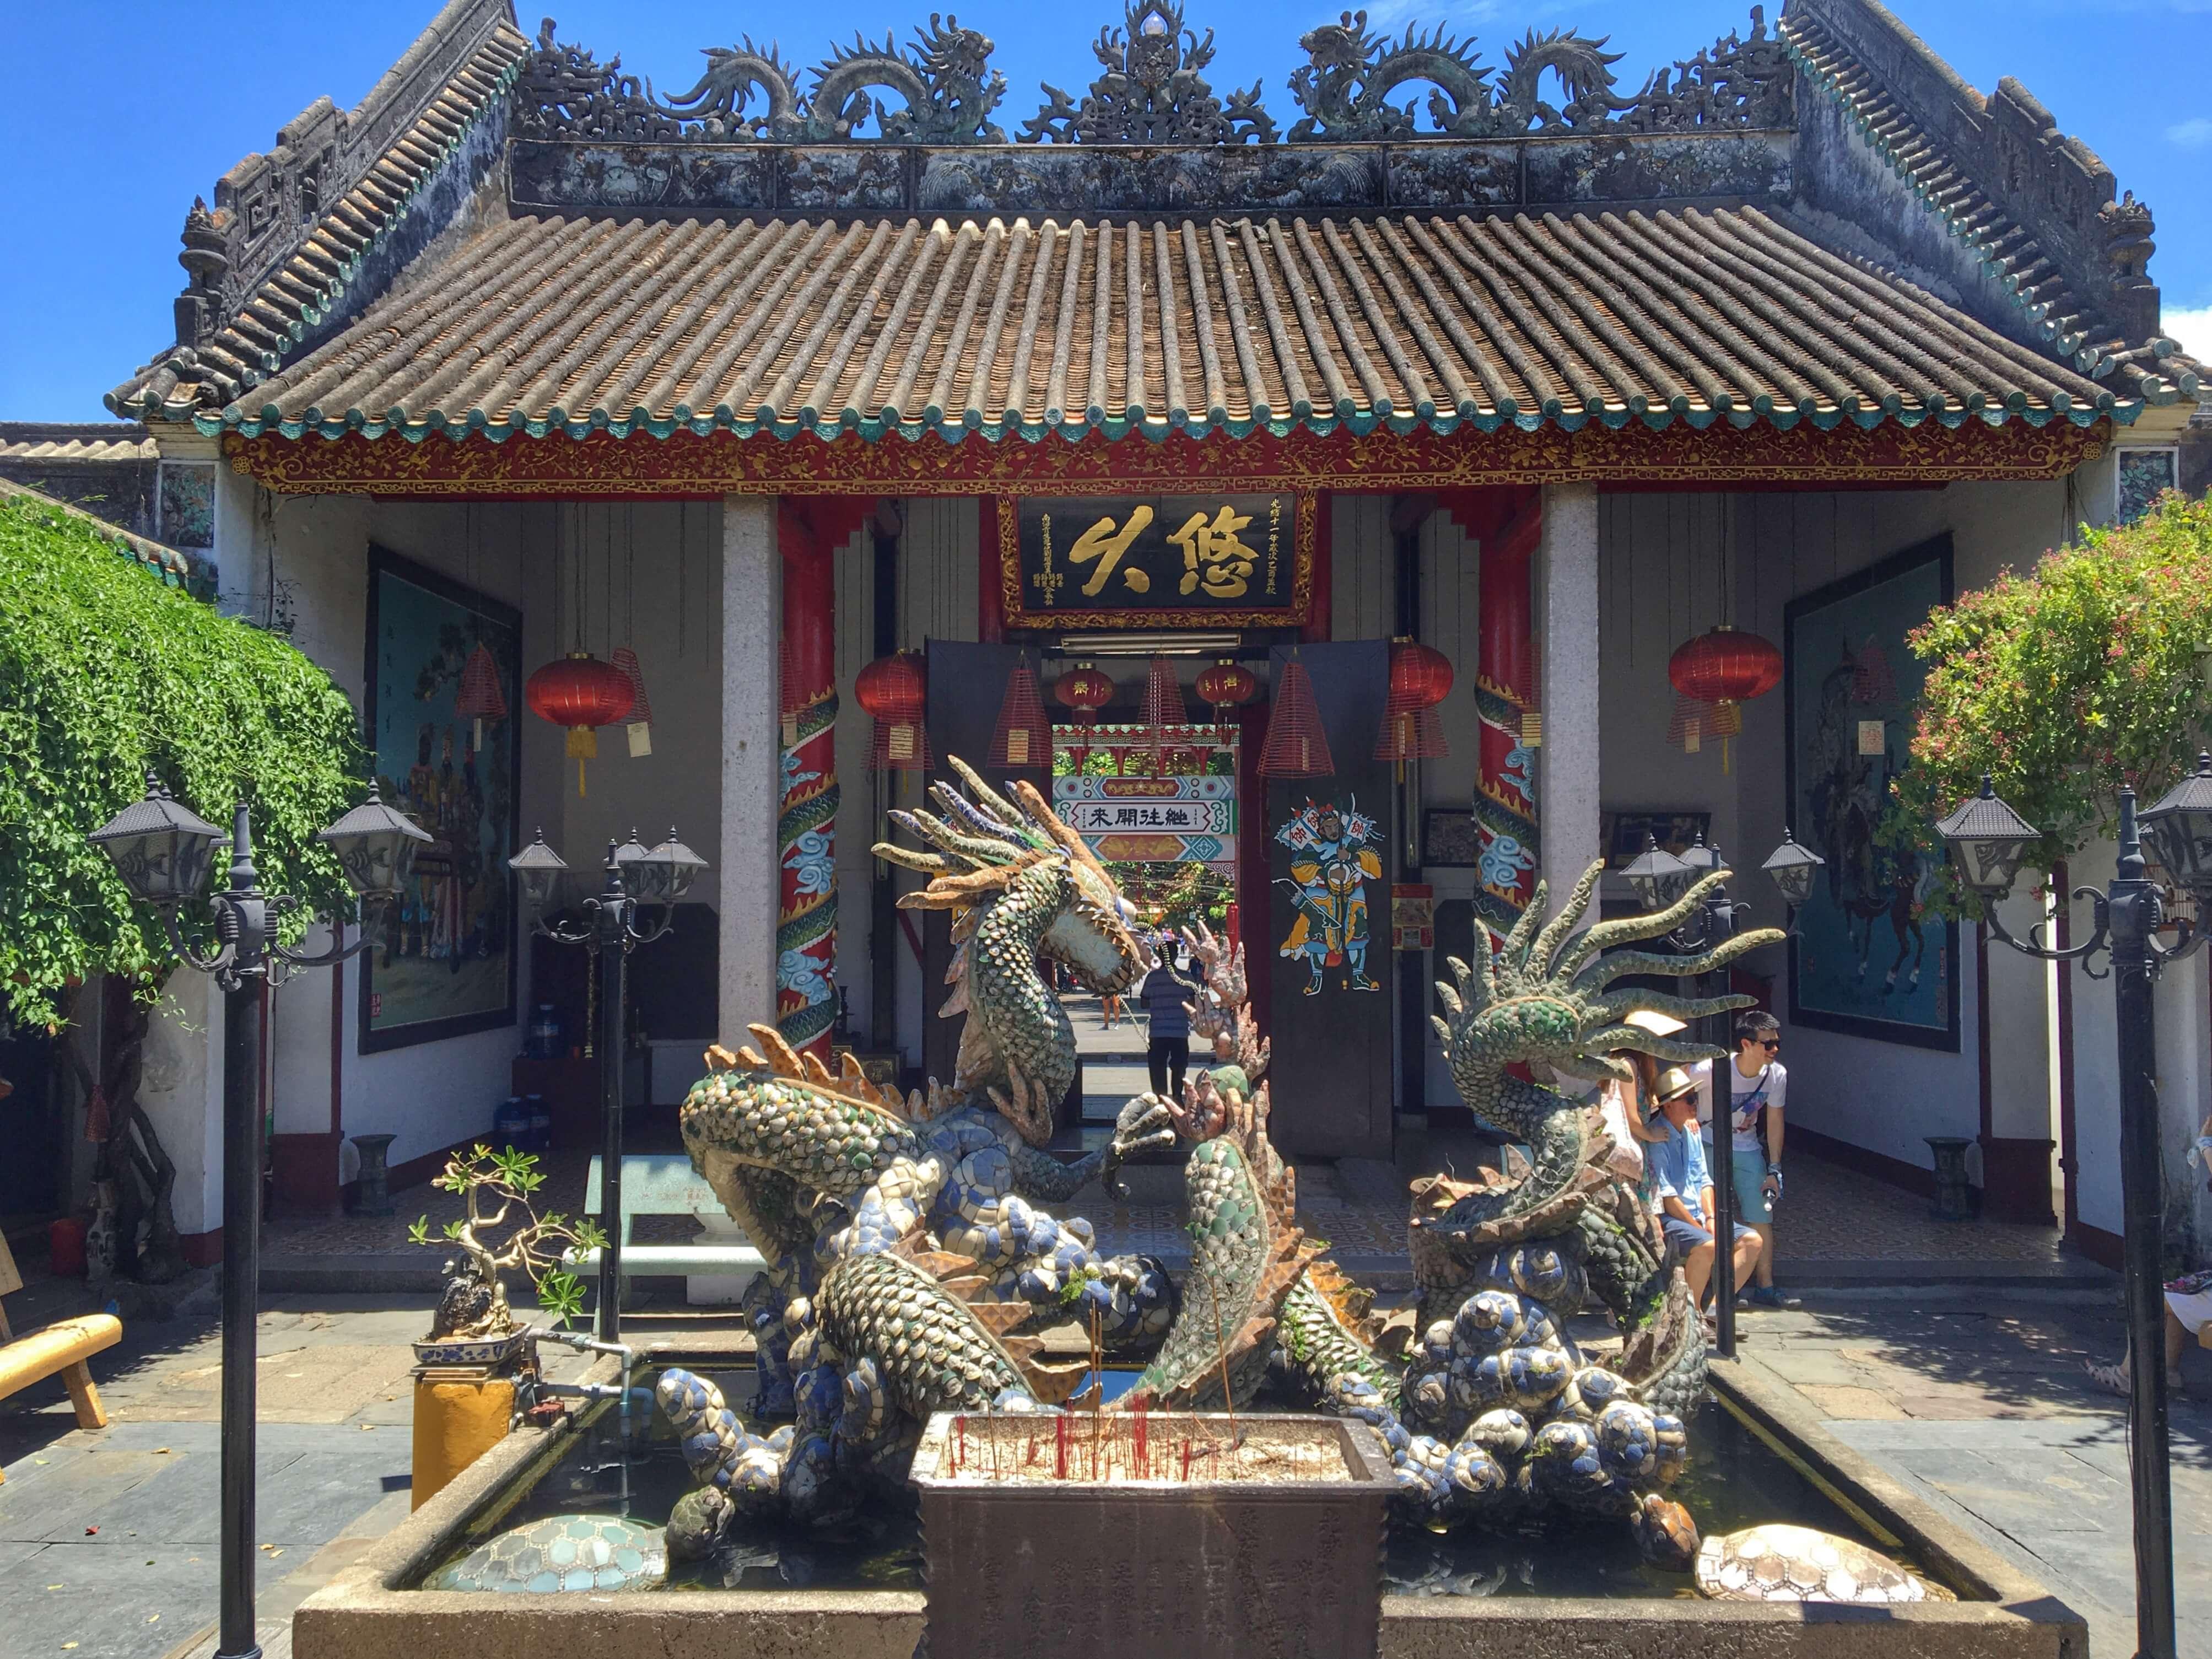 Perdersi tra i vicoli di hoi an la citt delle lanterne for Casa tradizionale cinese